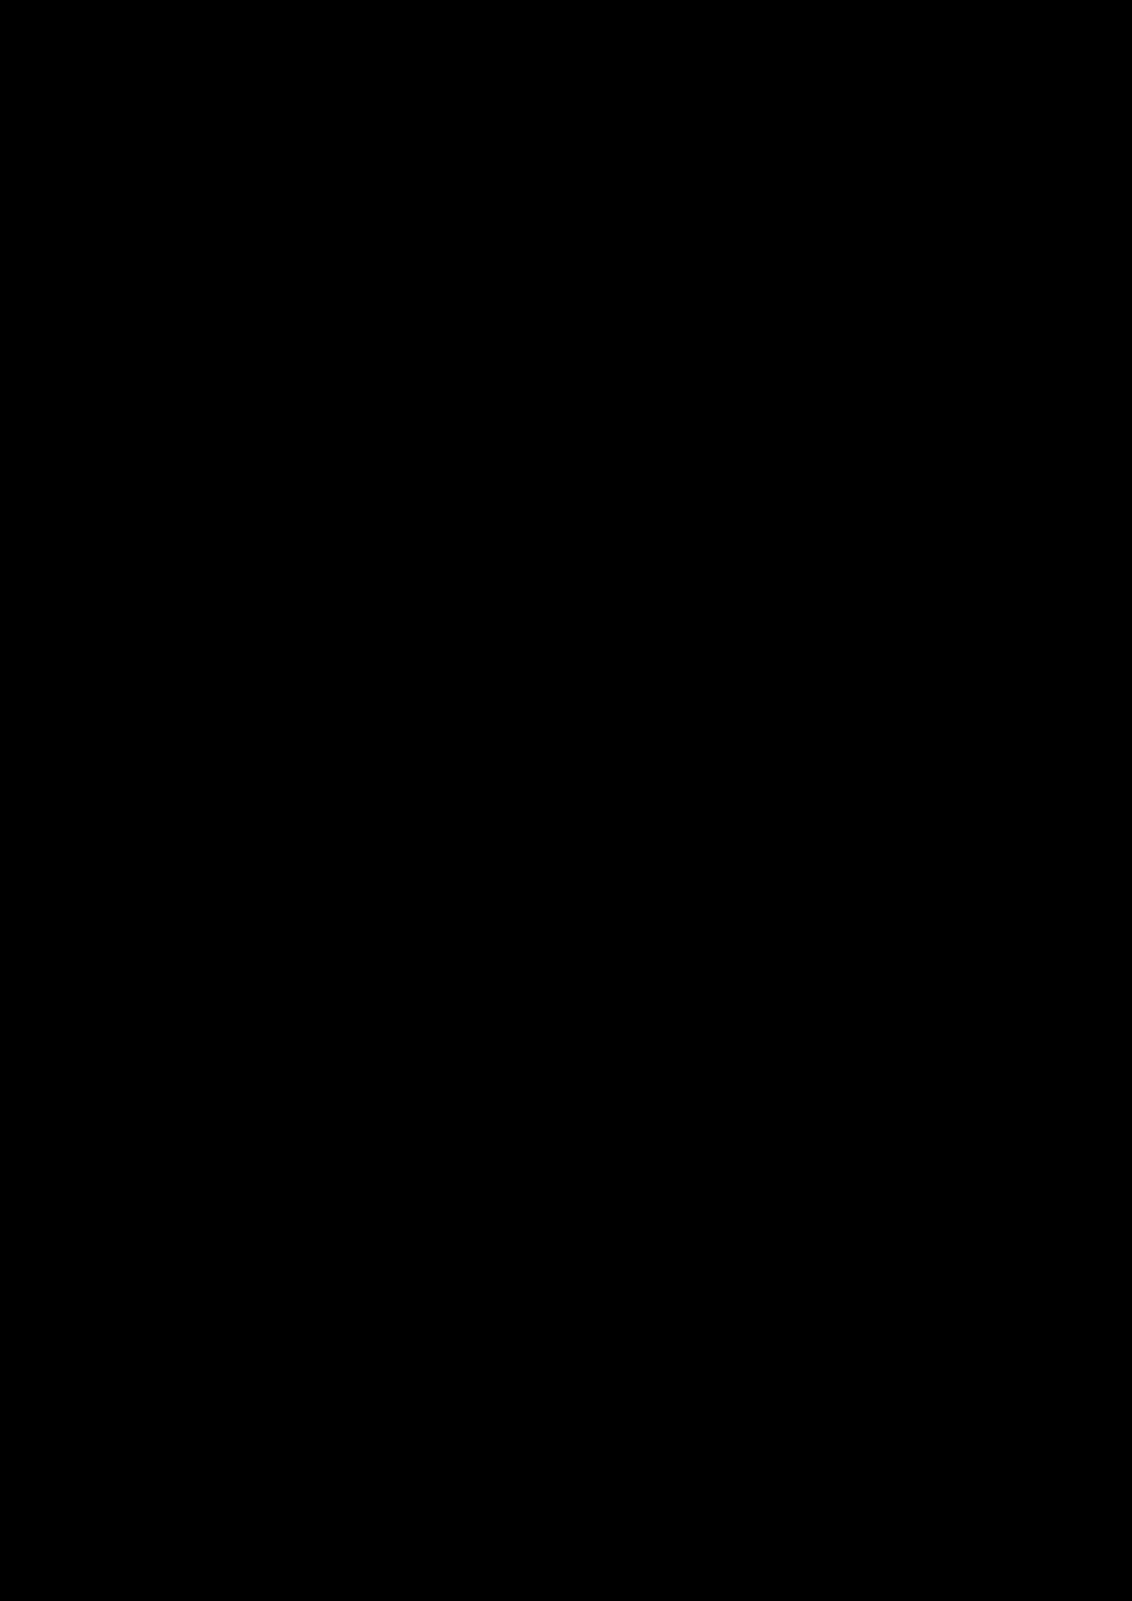 Proschanie s volshebnoy stranoy slide, Image 41